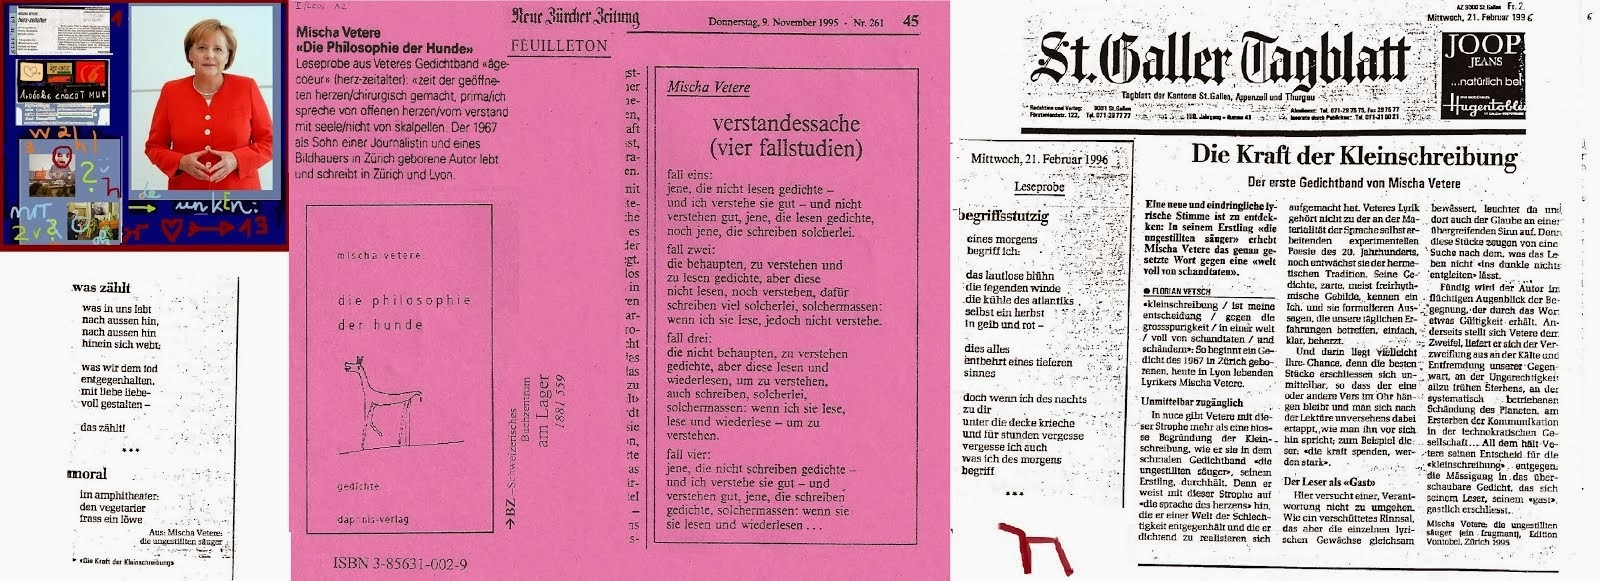 herz-zeitalter, gedicht 1993 von mischa vetere angela merkel wiederwahl jubiläum 2013 mrr begräbnis